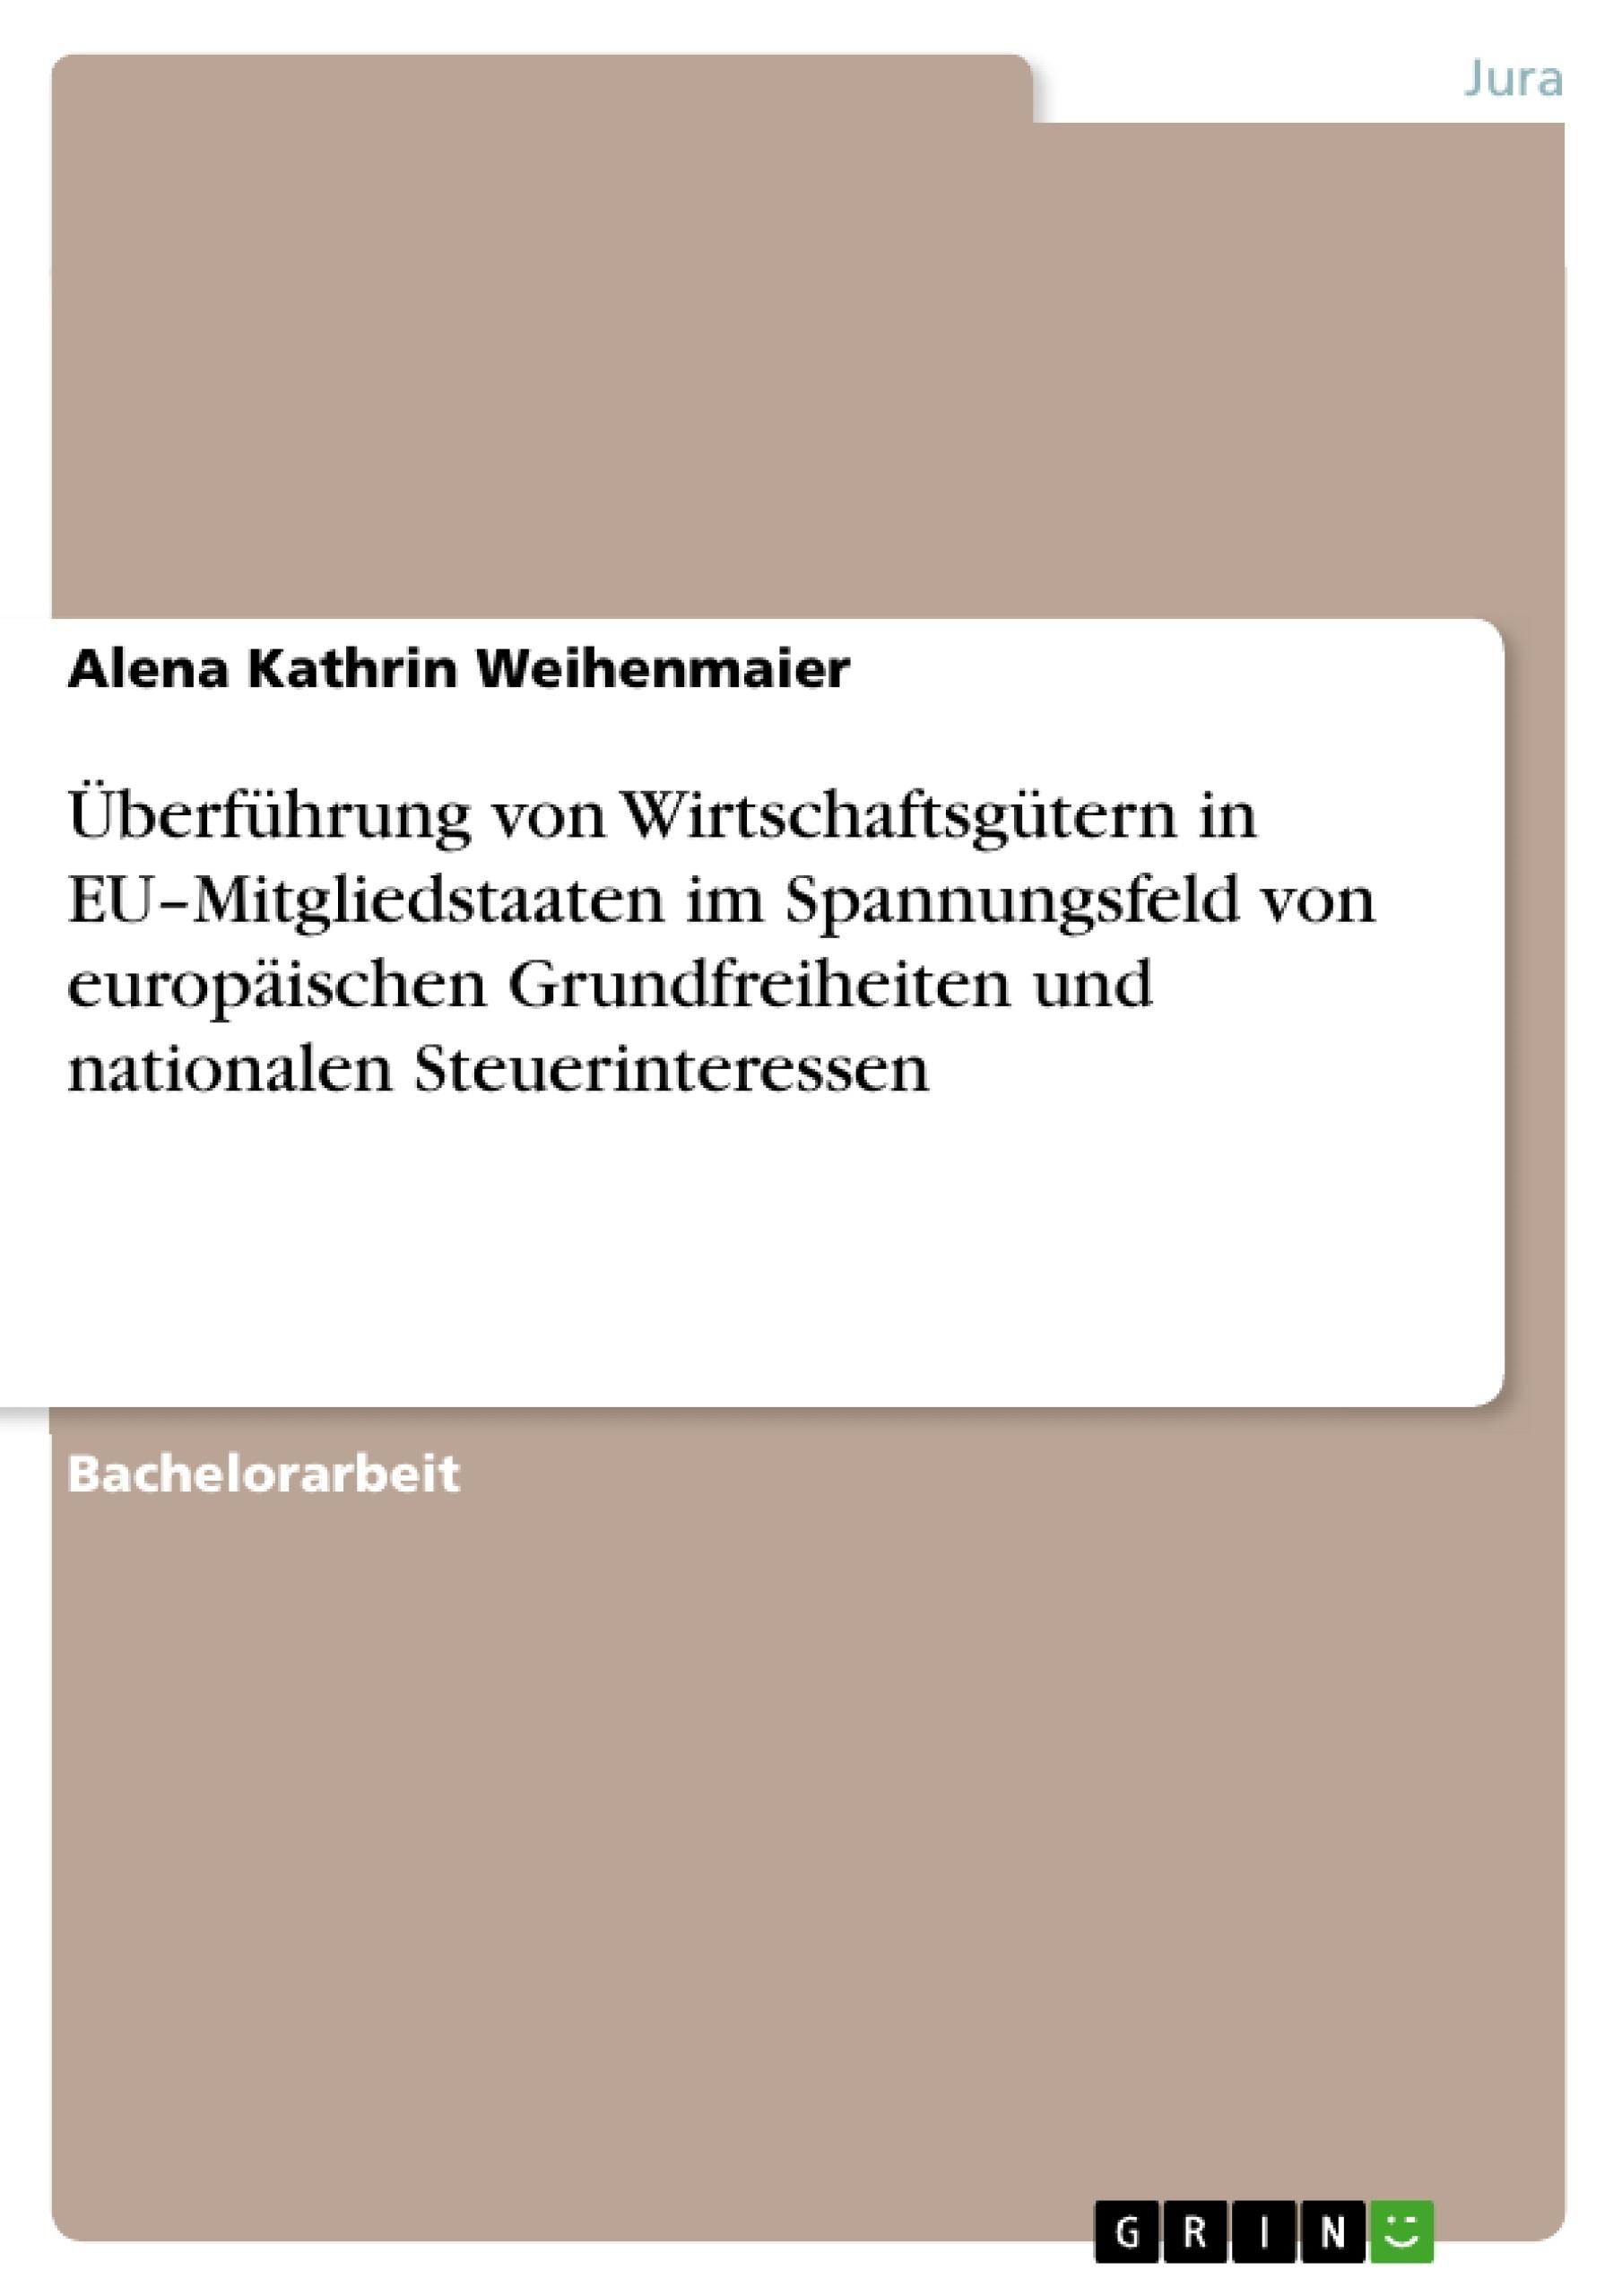 Titel: Überführung von Wirtschaftsgütern in EU–Mitgliedstaaten im Spannungsfeld von europäischen Grundfreiheiten und nationalen Steuerinteressen